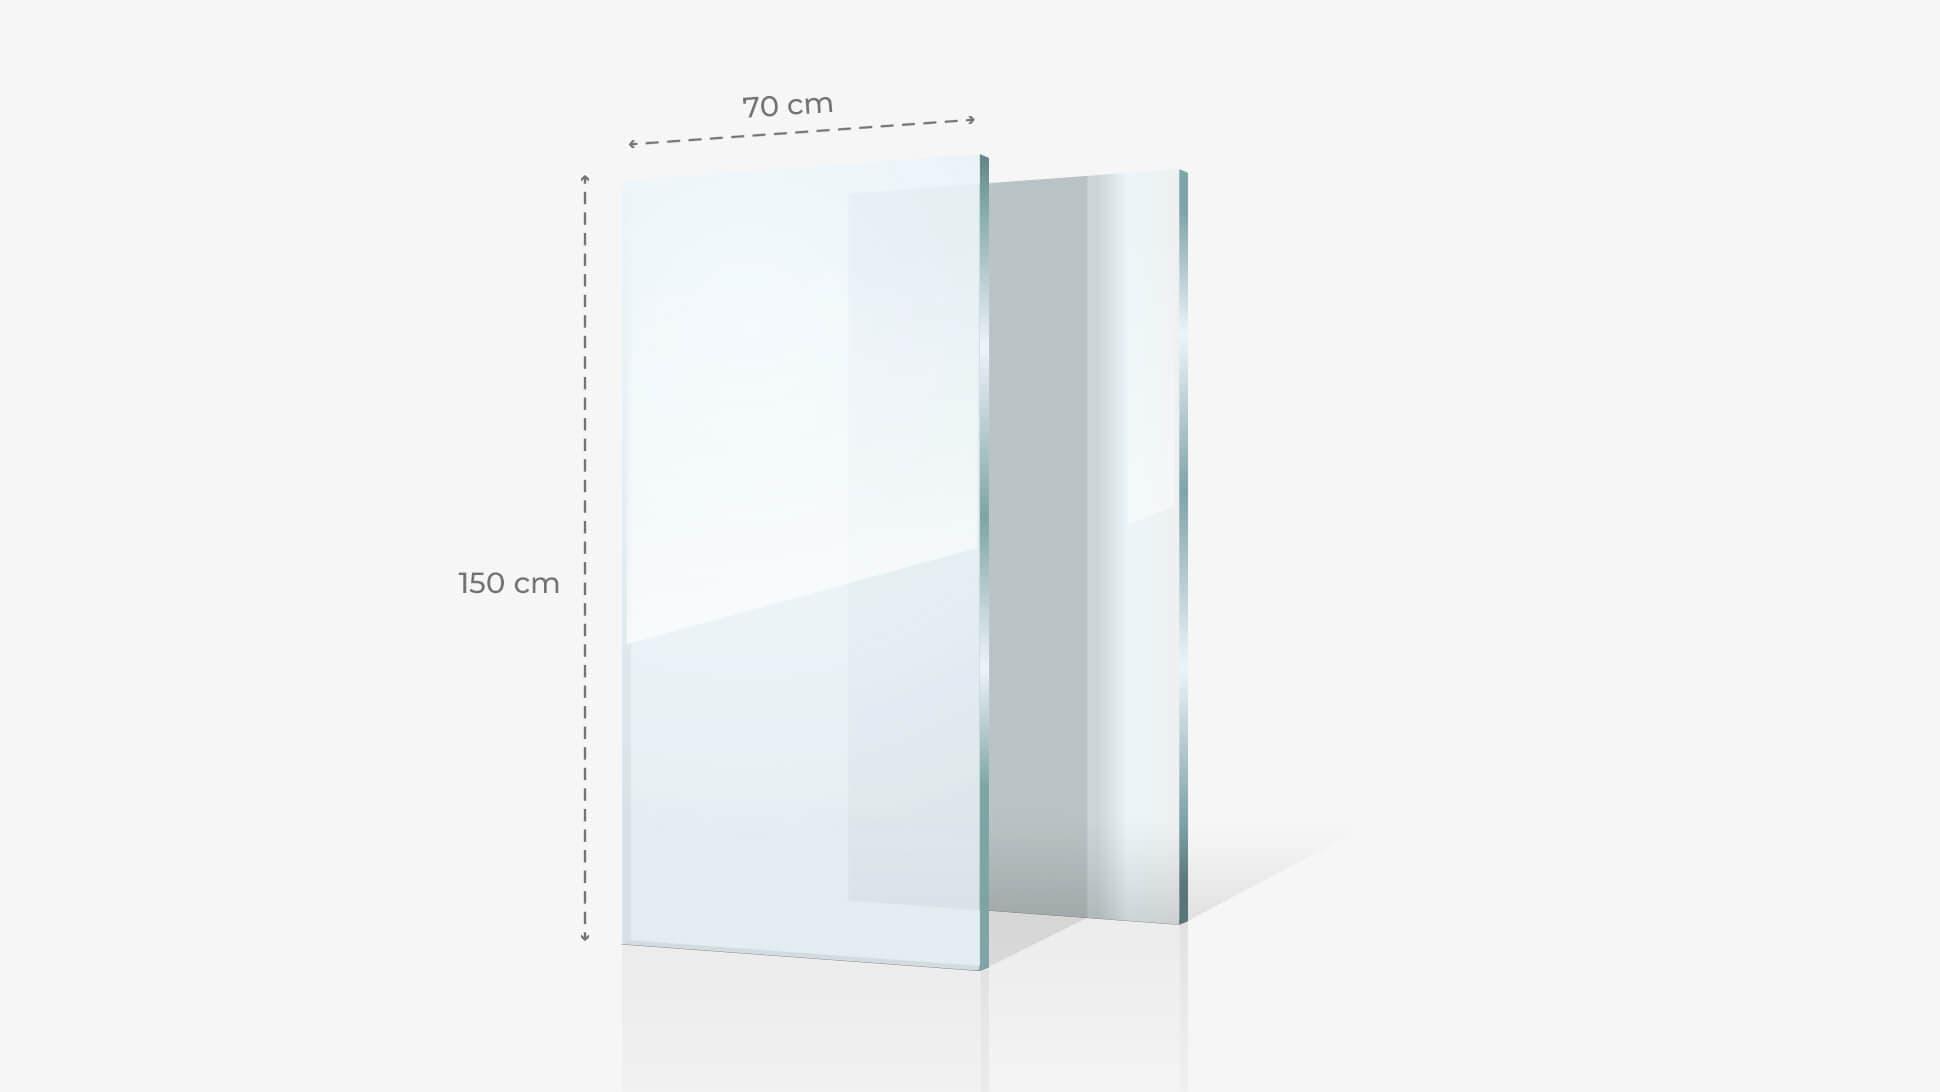 Foto su vetro acrilico 70x150 cm | tictac.it